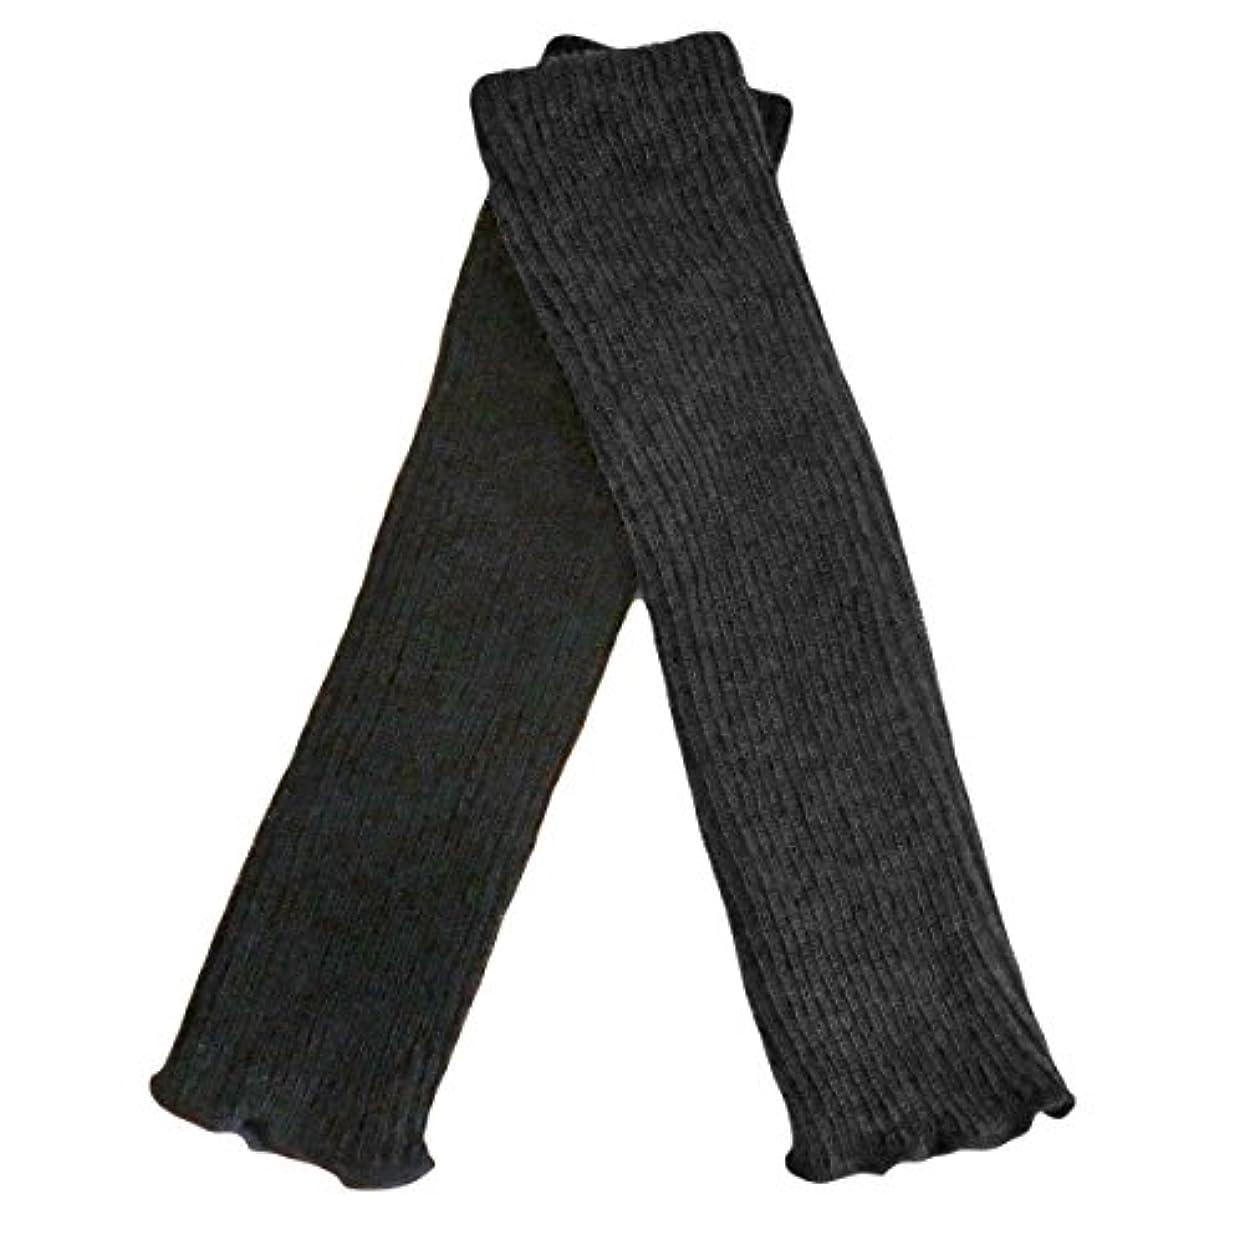 でも食堂赤面シルクウール二重編みレッグウォーマー 内絹外毛の二重縫製があたたかい厚手レッグウォーマー (チャコール)